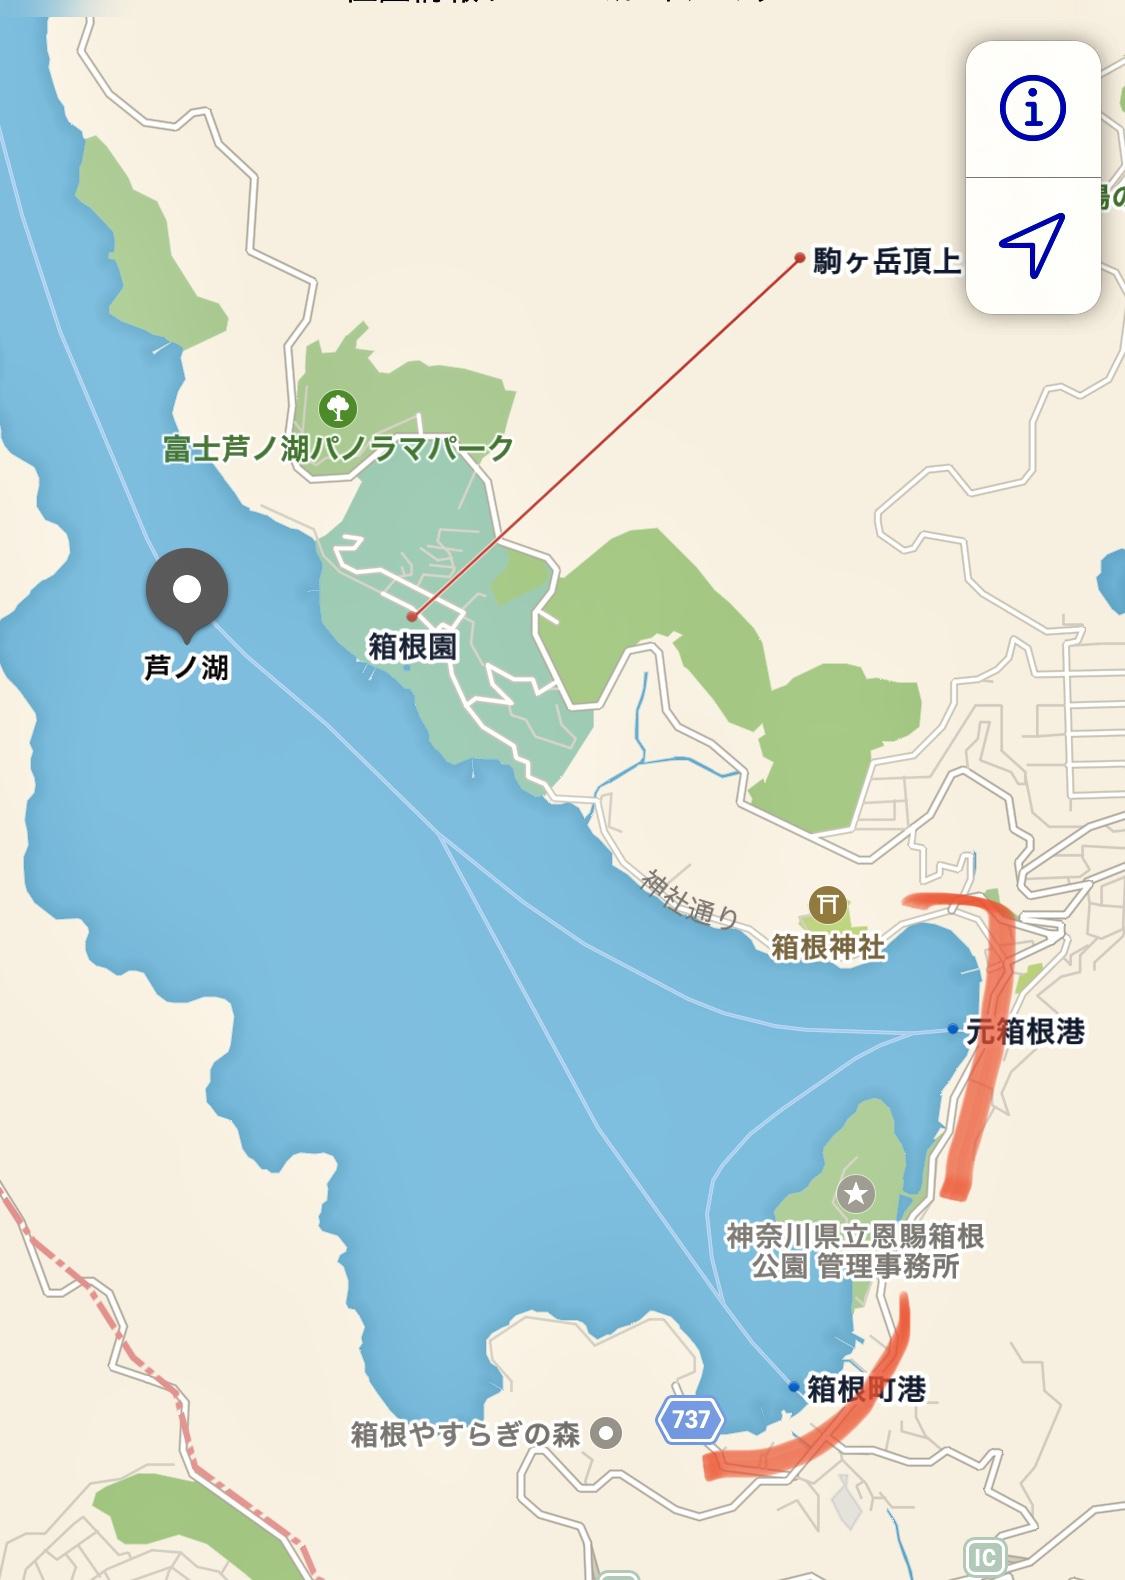 芦ノ湖おかっぱりポイント